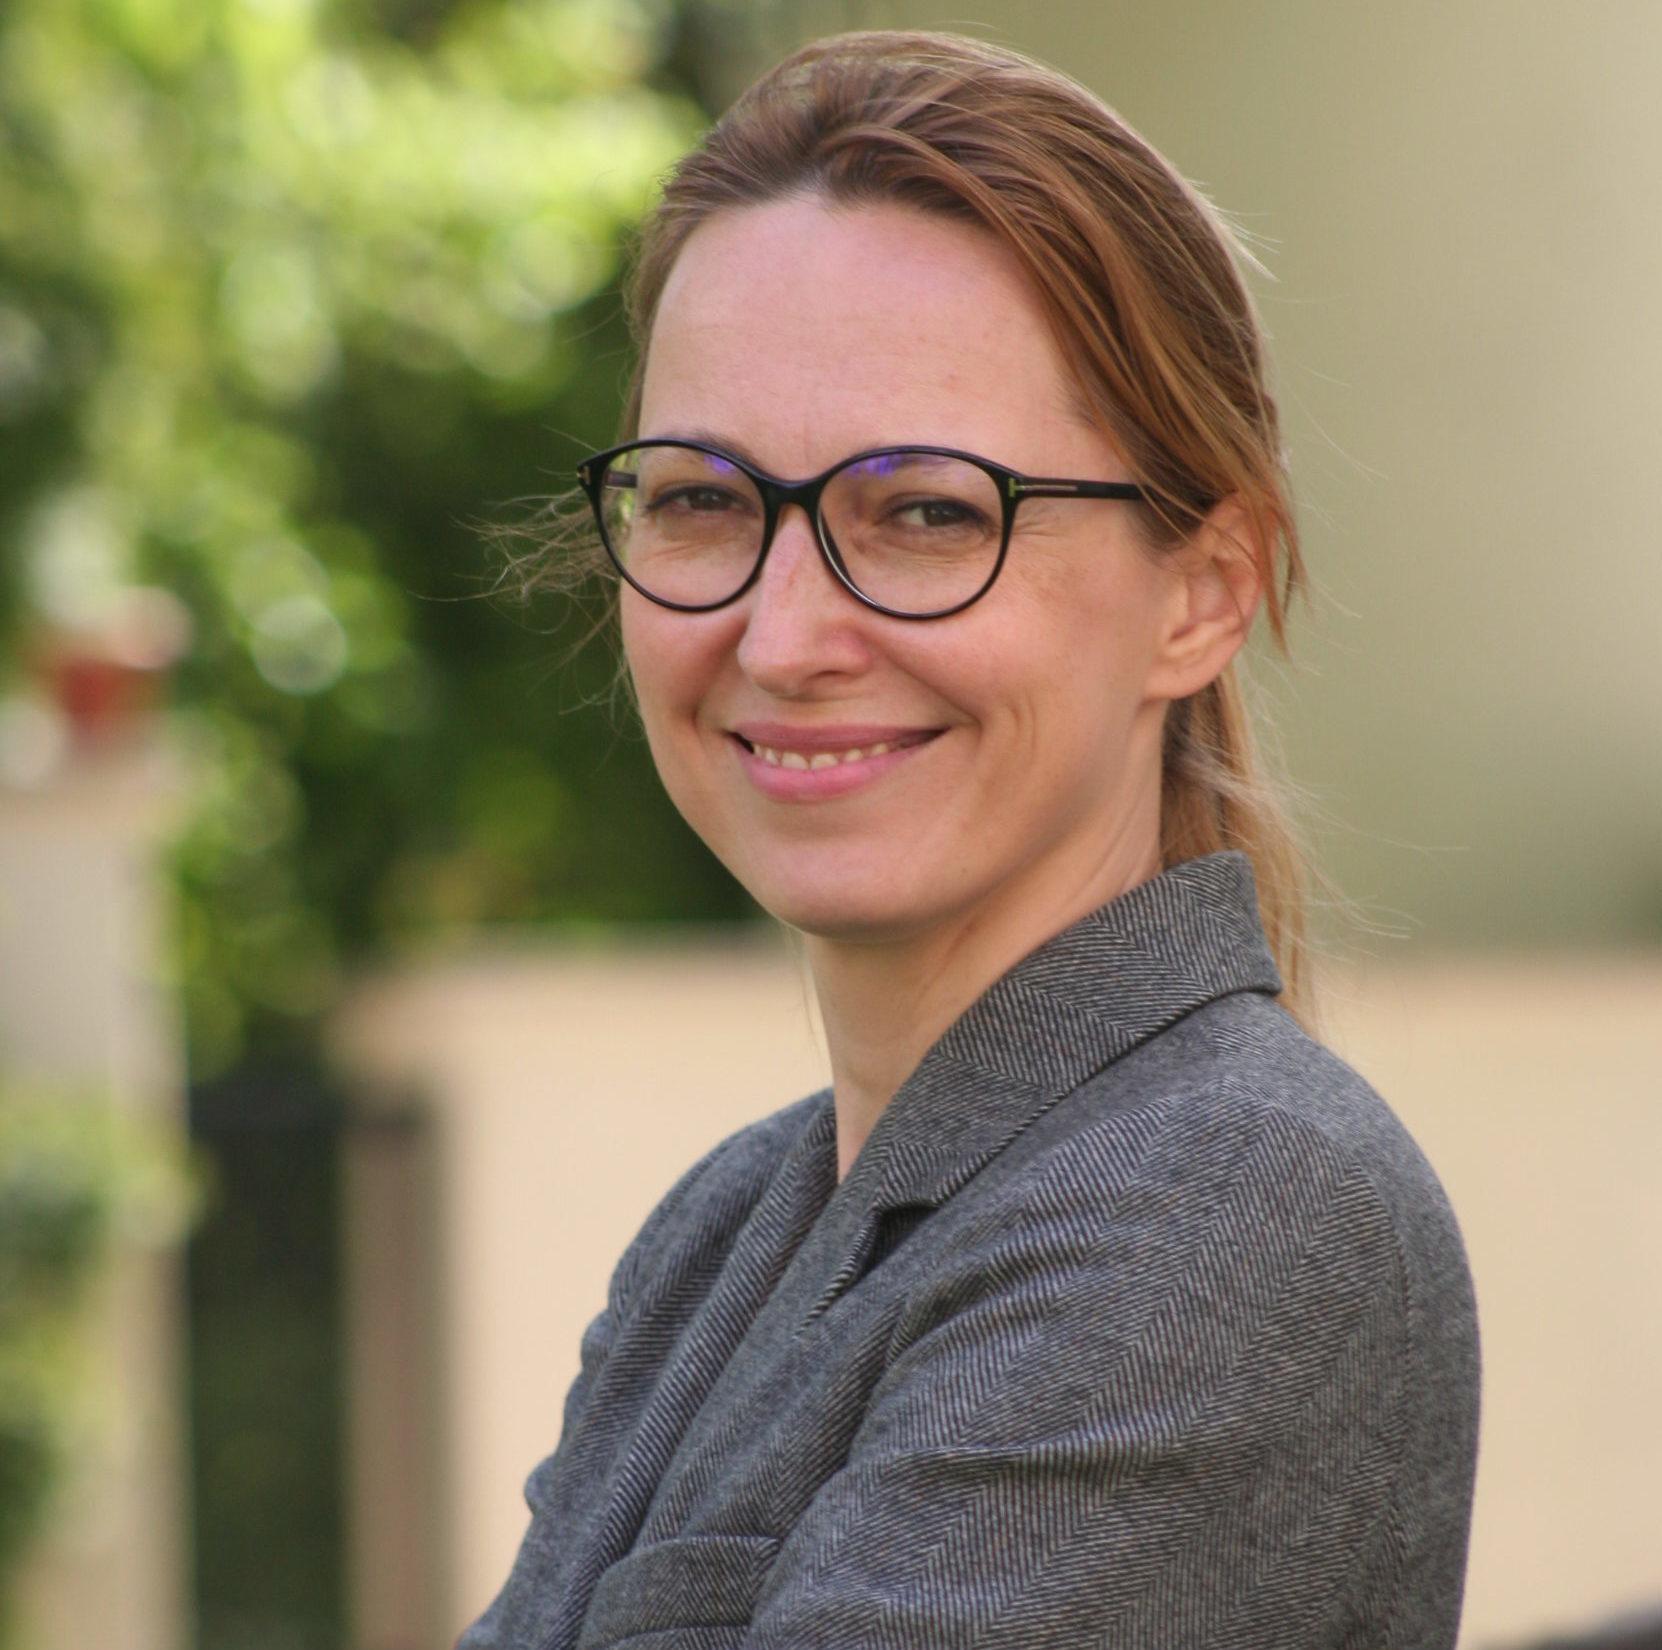 Joanna Pietrasik